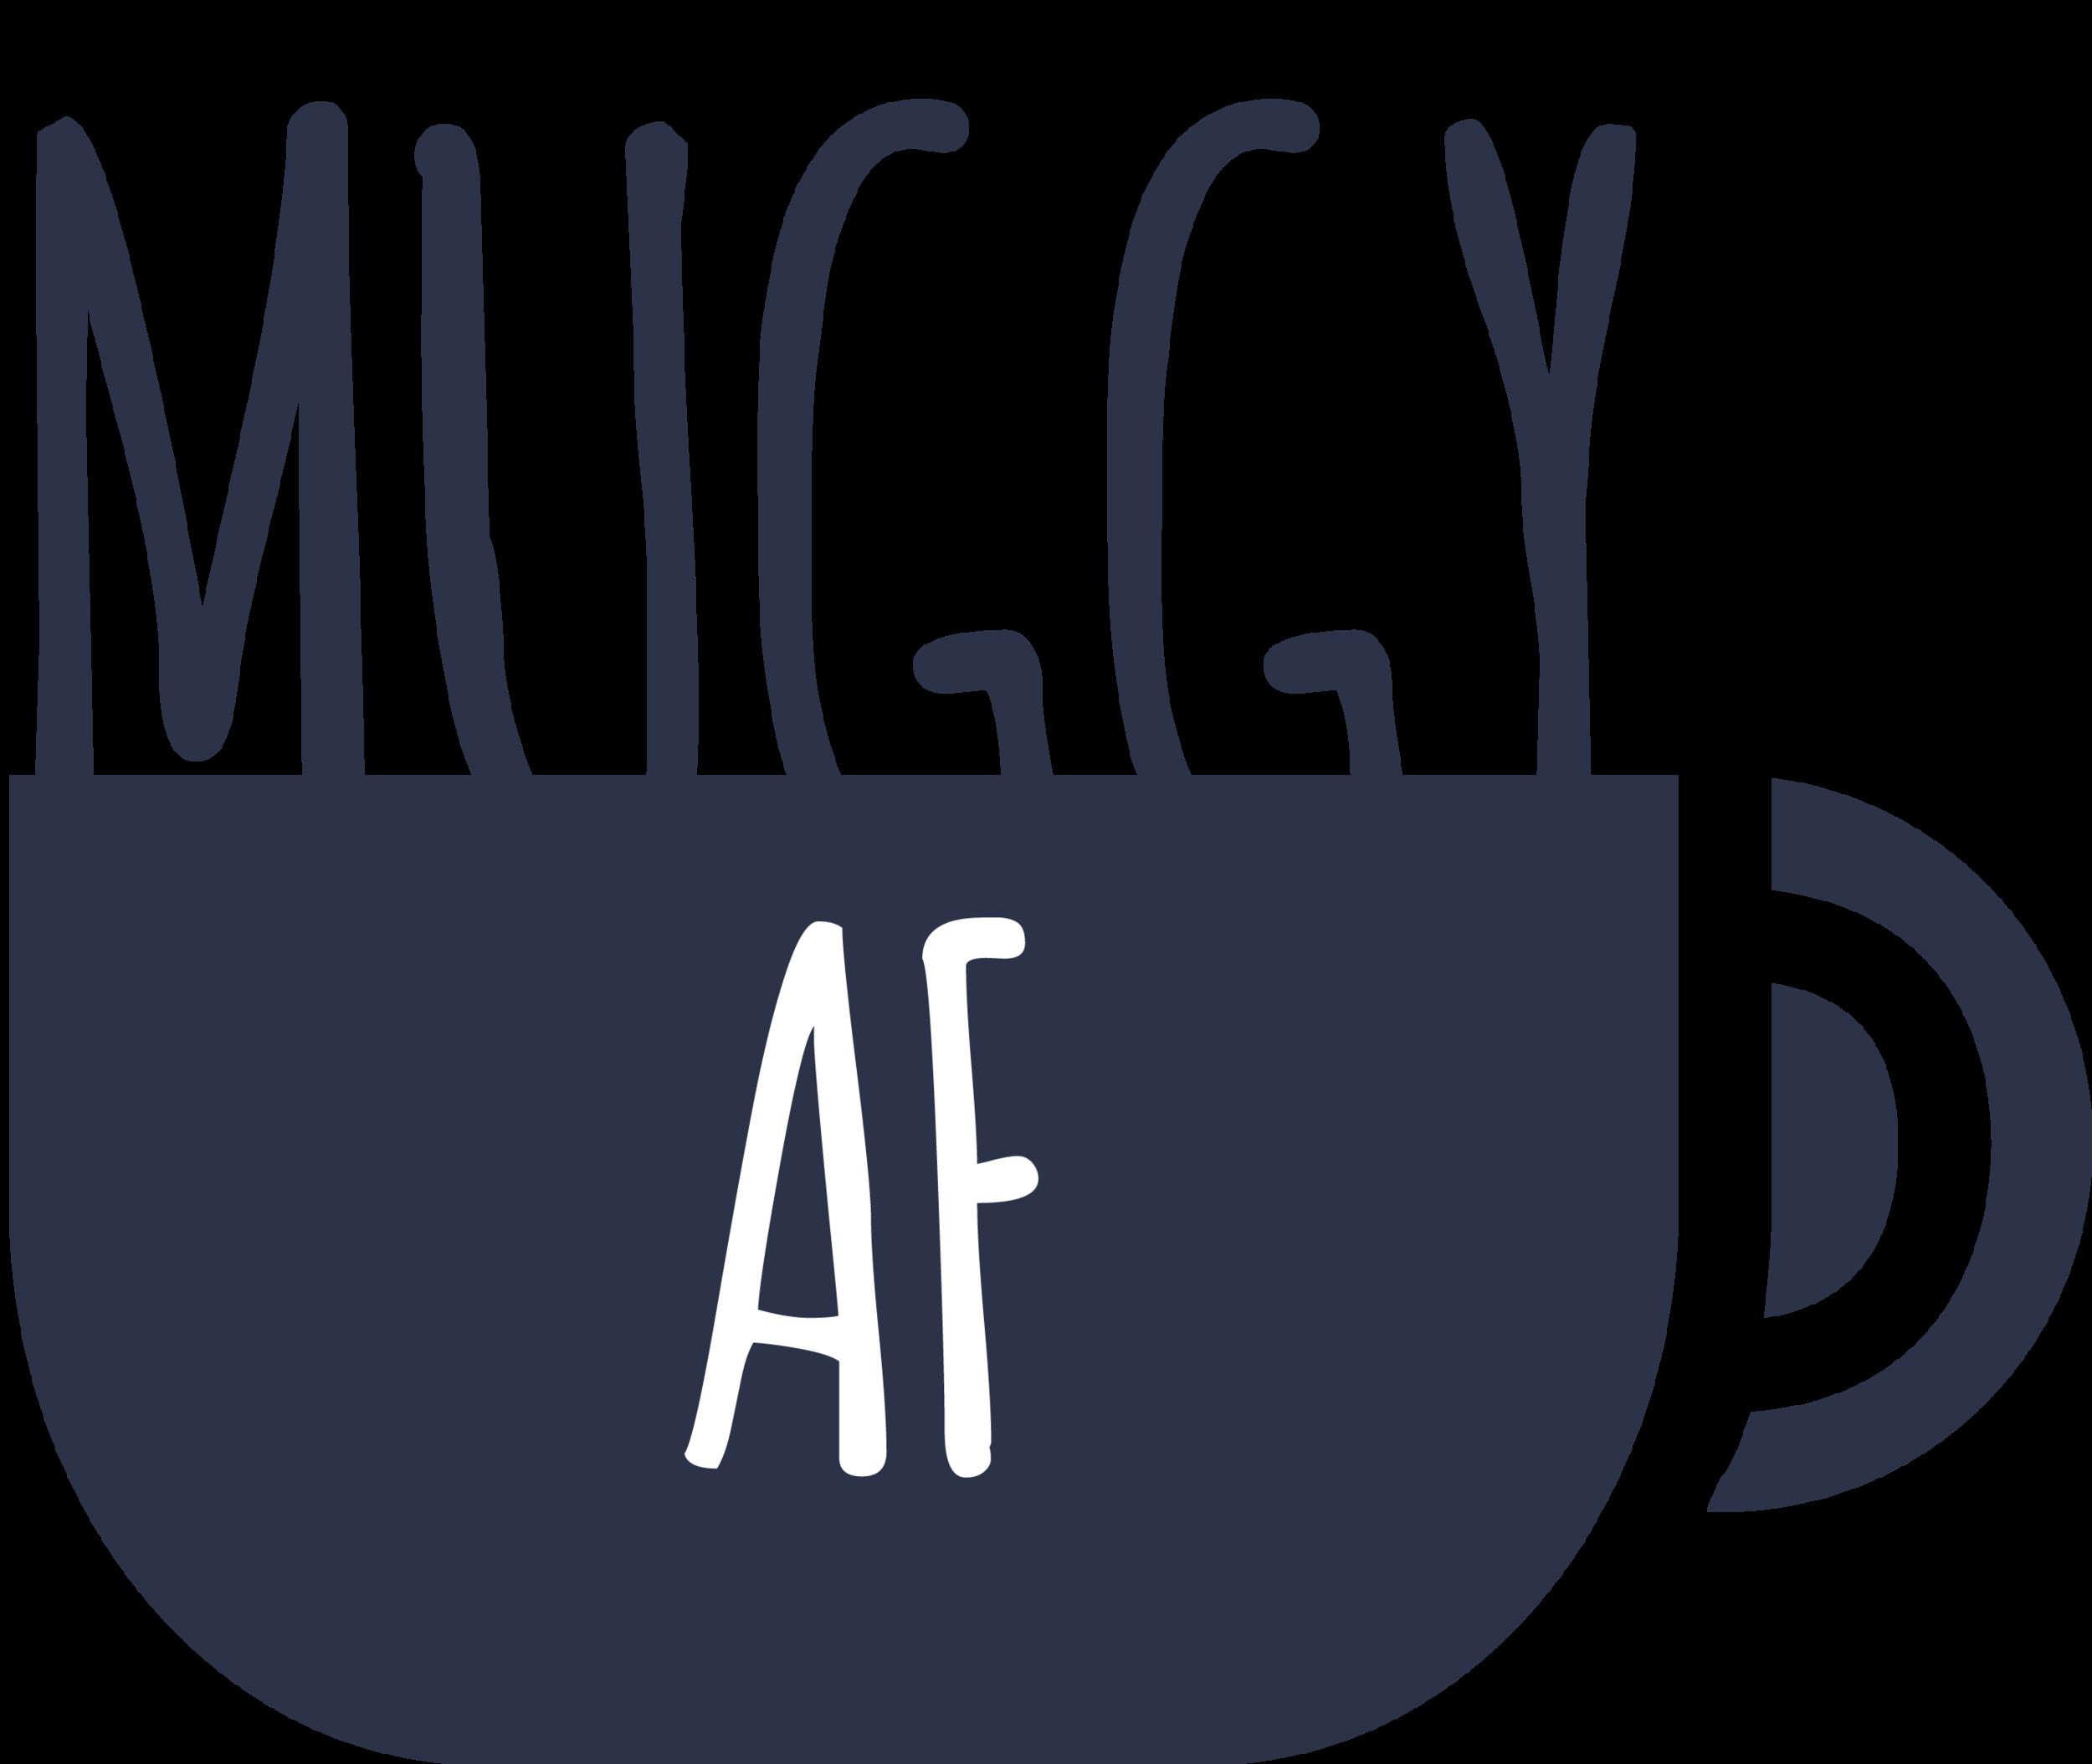 Muggy AF - Amatic - Mug (blue) 500ppi.png